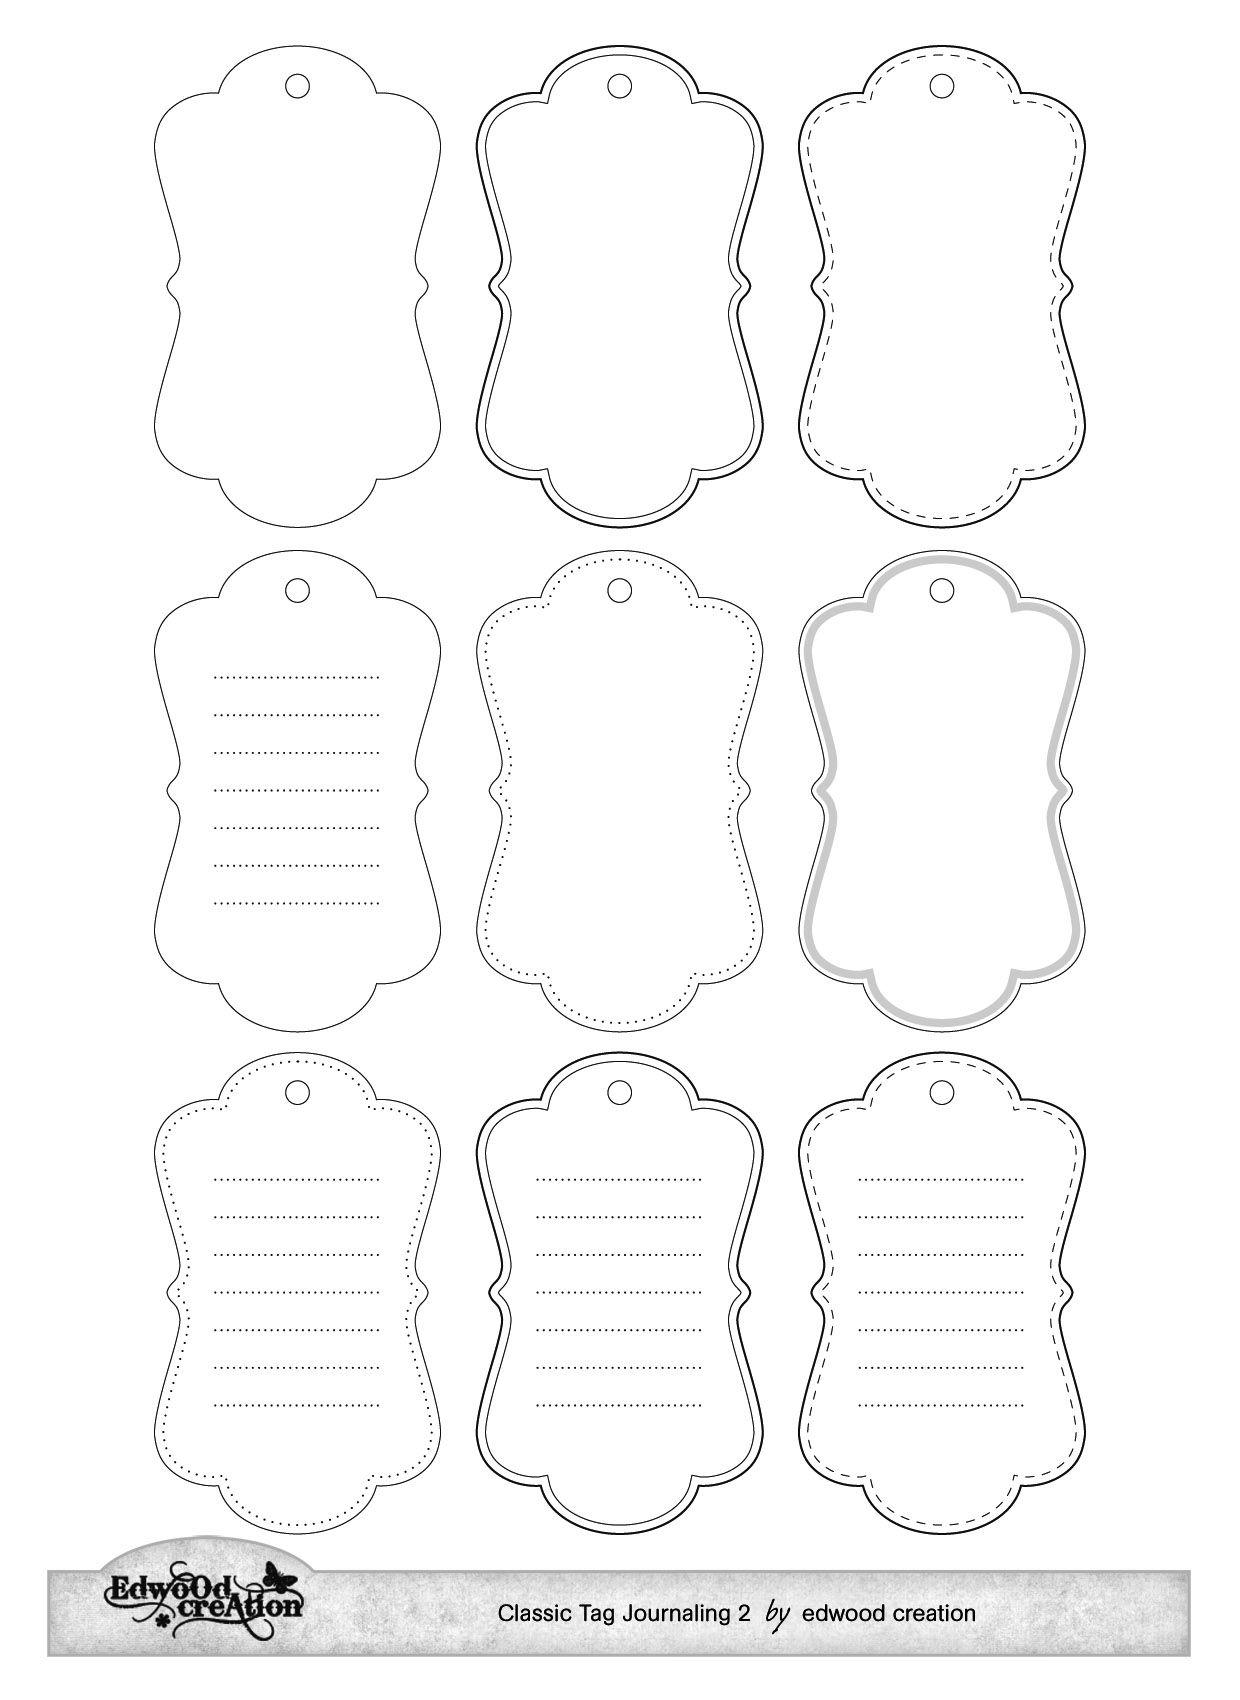 tiquettes autres pinterest tiquettes imprimables imprimables et imprimer etiquette. Black Bedroom Furniture Sets. Home Design Ideas